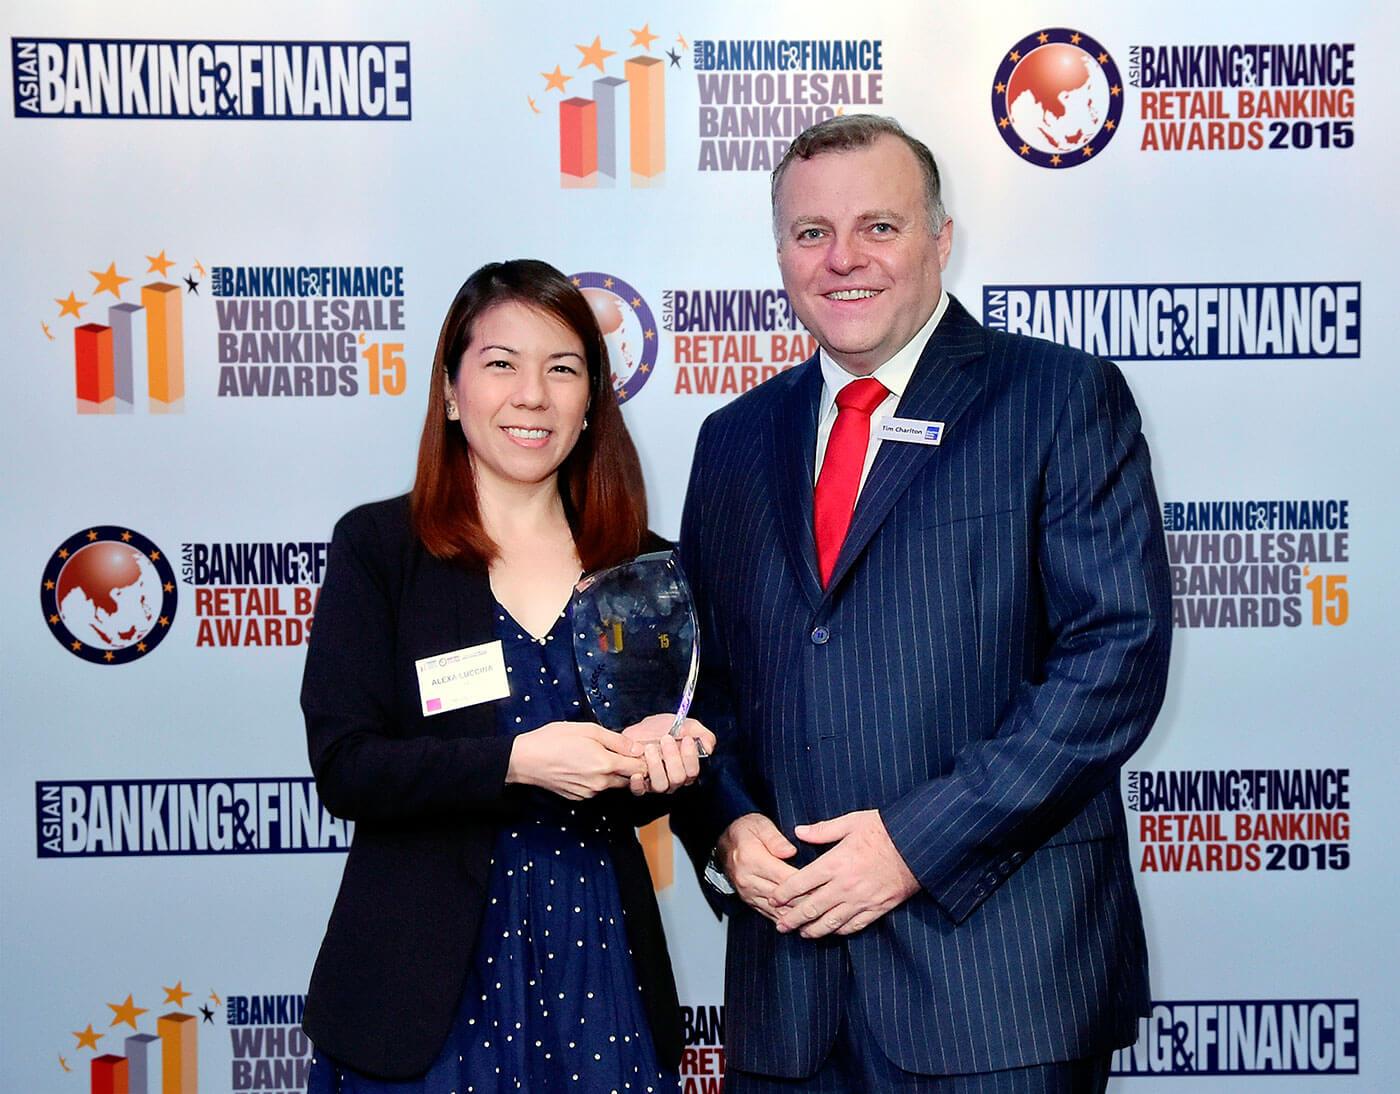 Asian bank finance